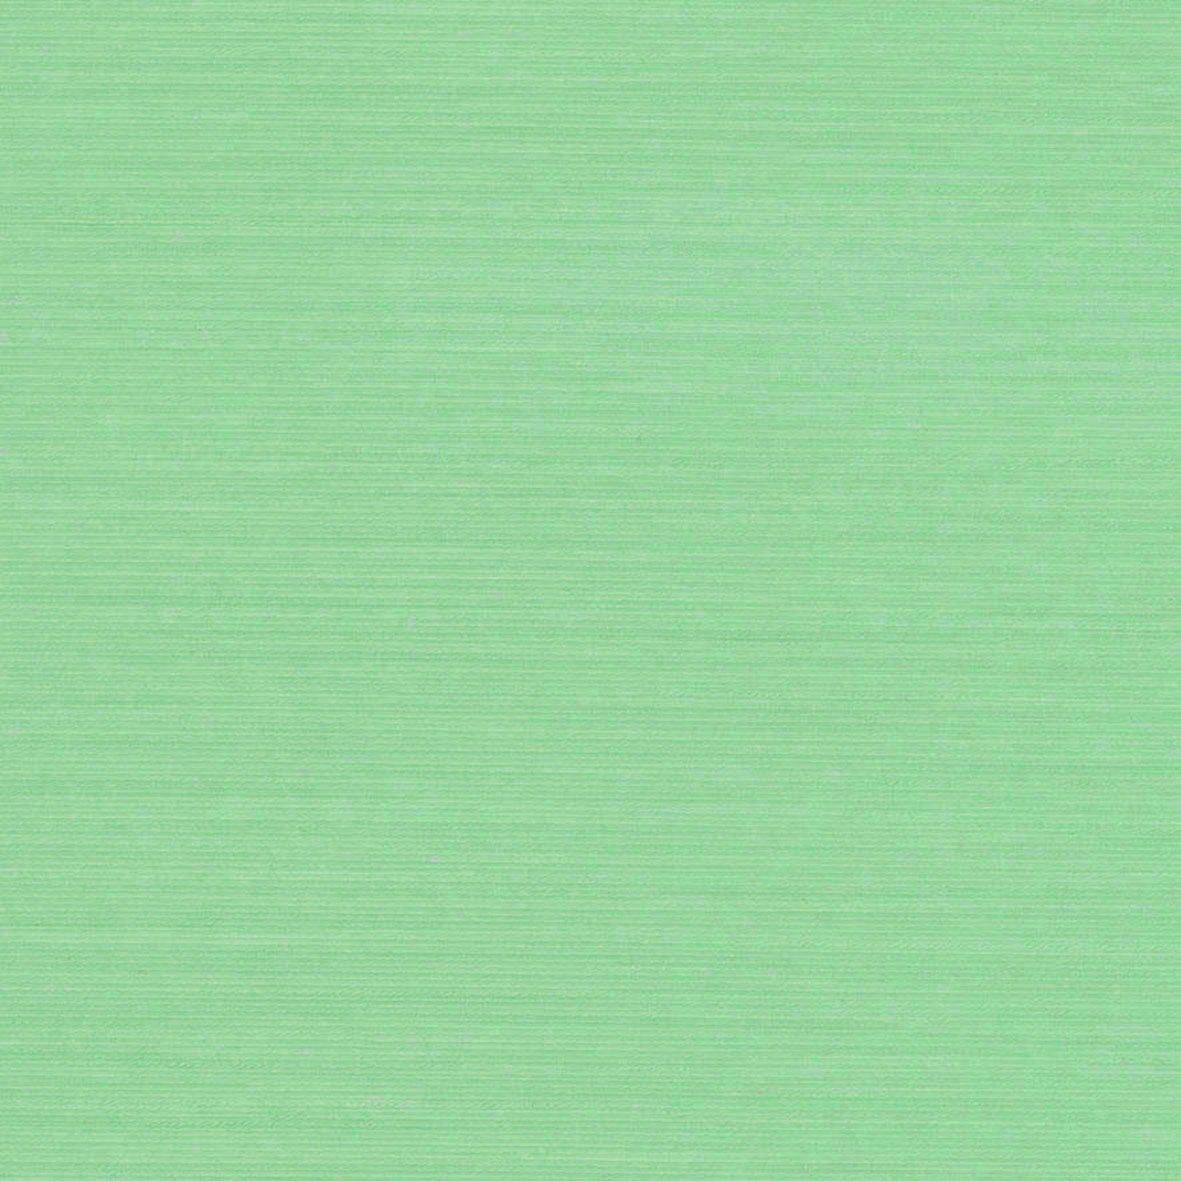 リリカラ 壁紙48m シンフル 無地 グリーン LL-8591 B01N3SOD6U 48m|グリーン